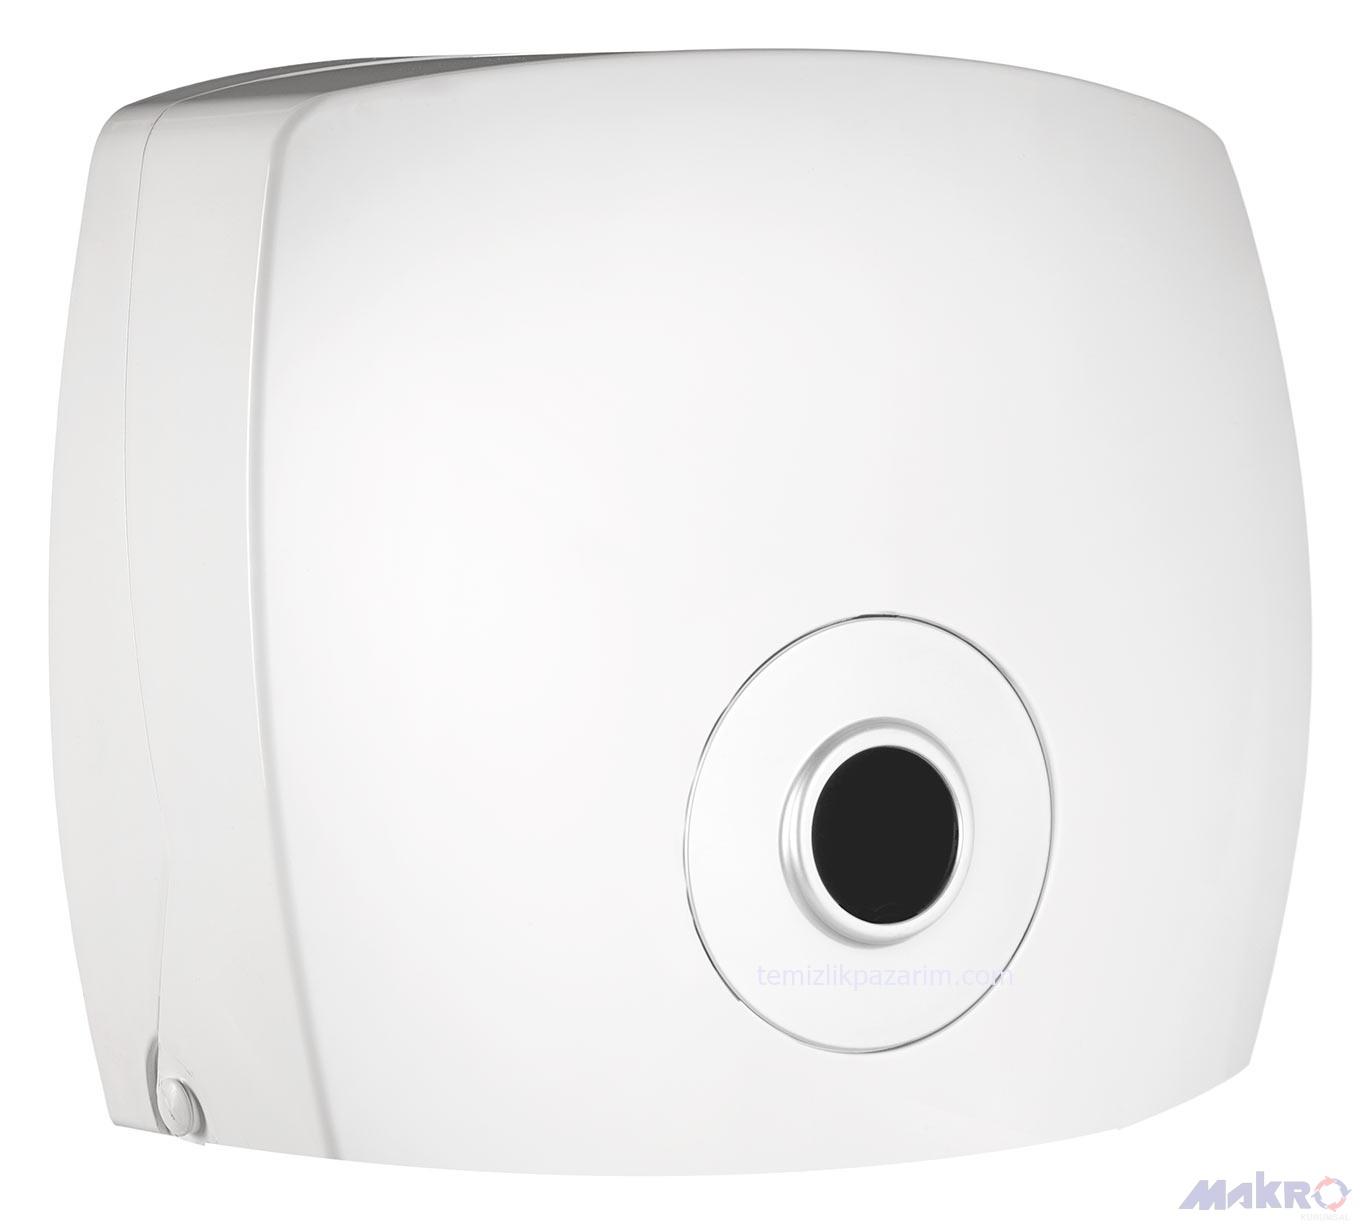 Jumbo-tuvalet-kağıdı-aparatı